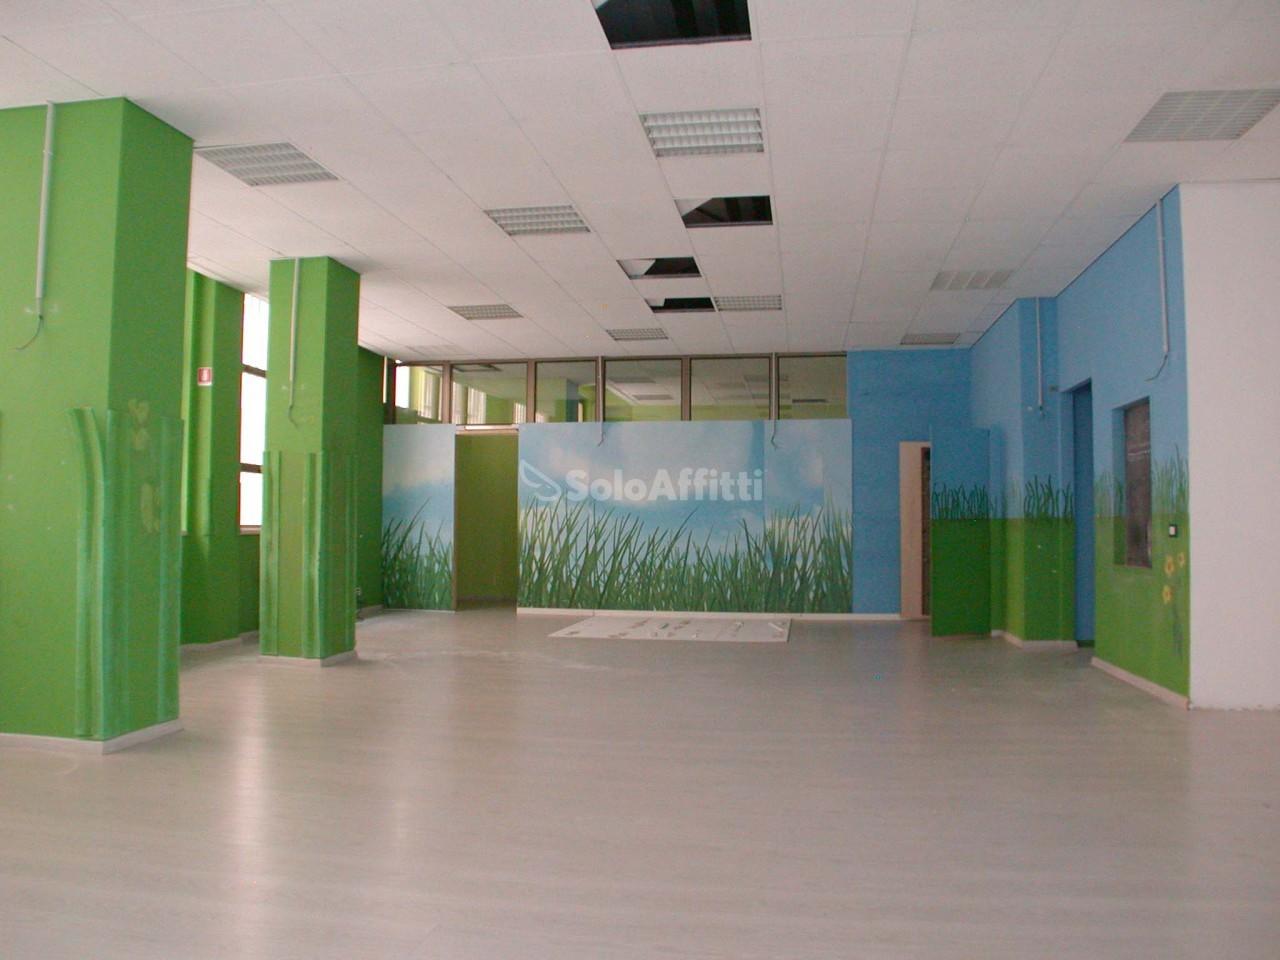 Fondo/negozio - 3 vetrine/luci a Centro Storico, Pesaro